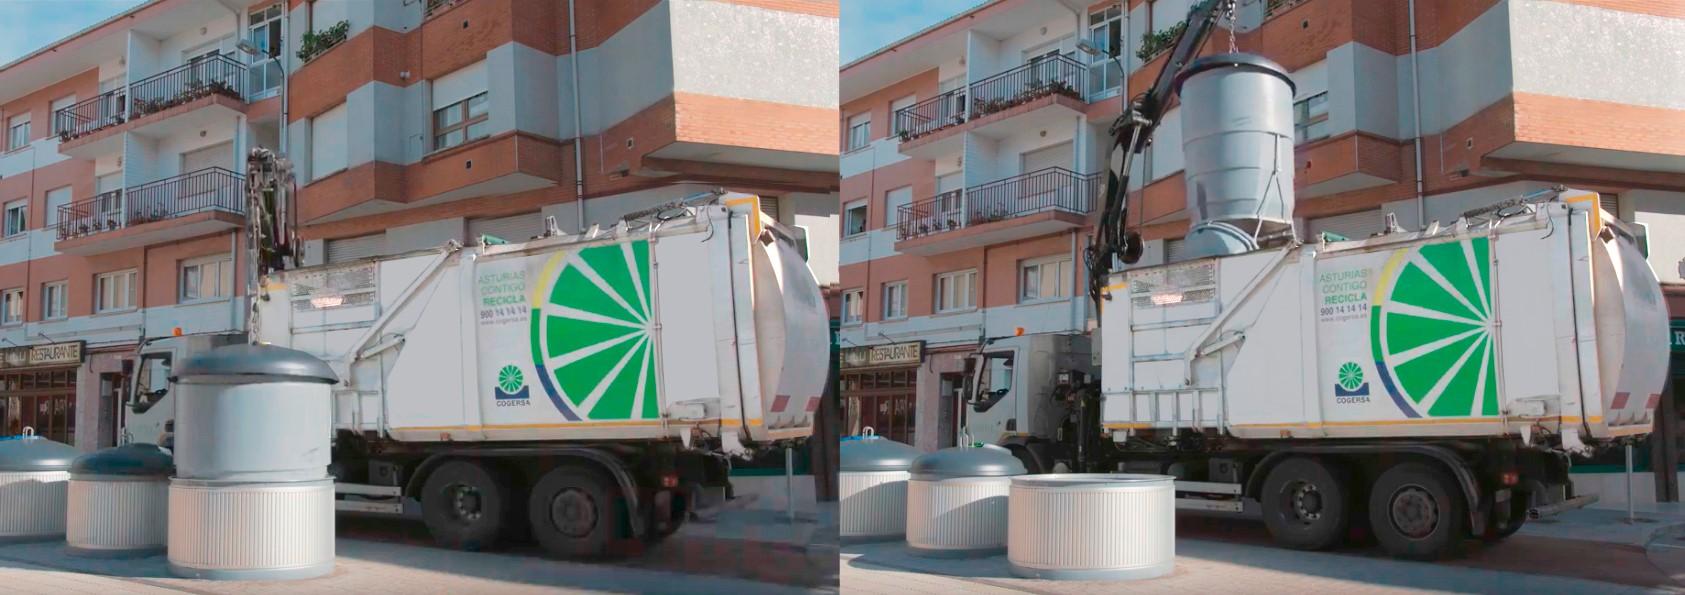 contenedores-soterrados-vaciar-el-contenedor-de-residuos